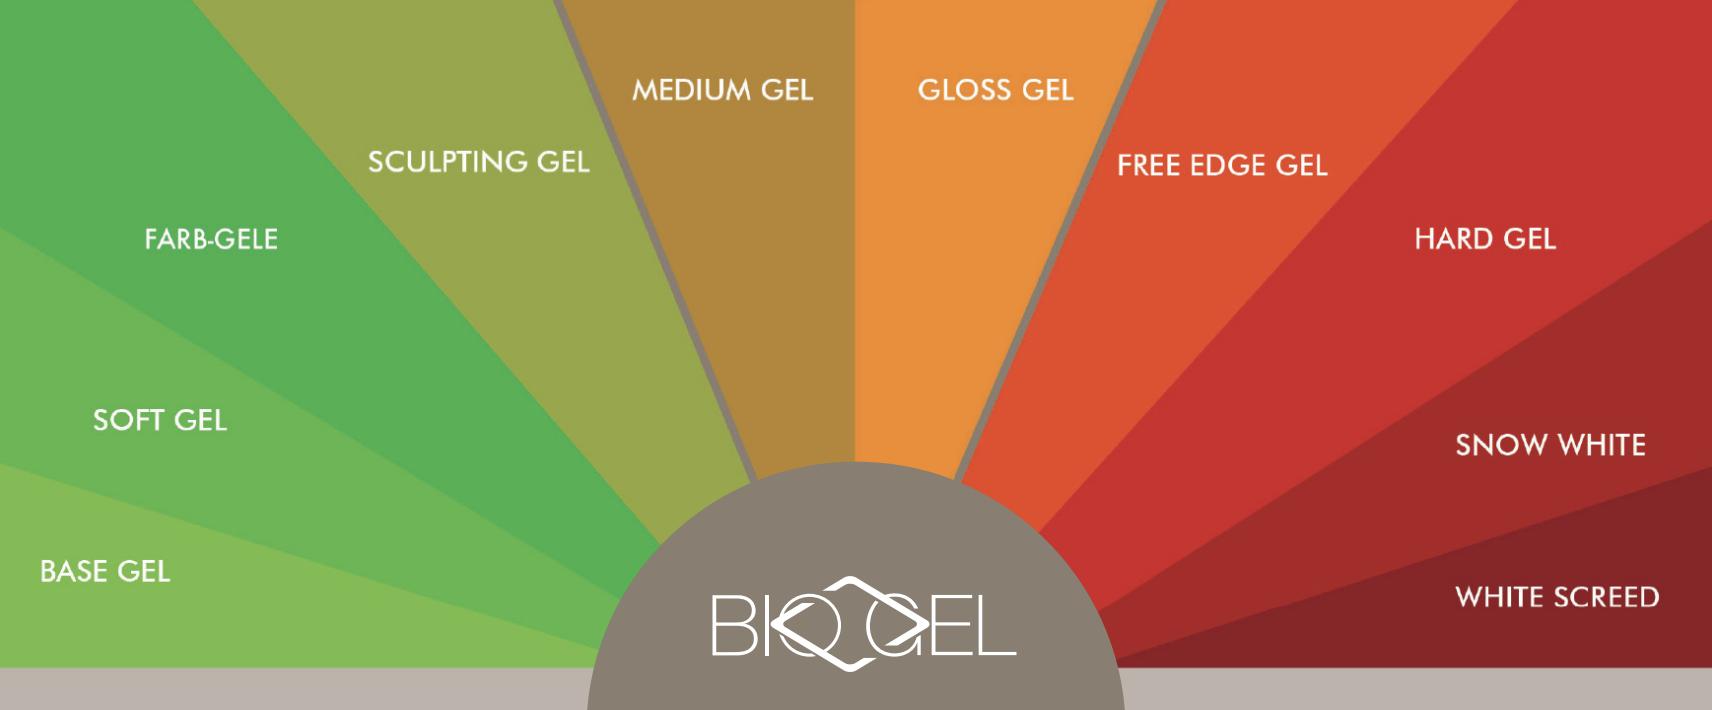 bio-gel-bio-sculpture-spektrum